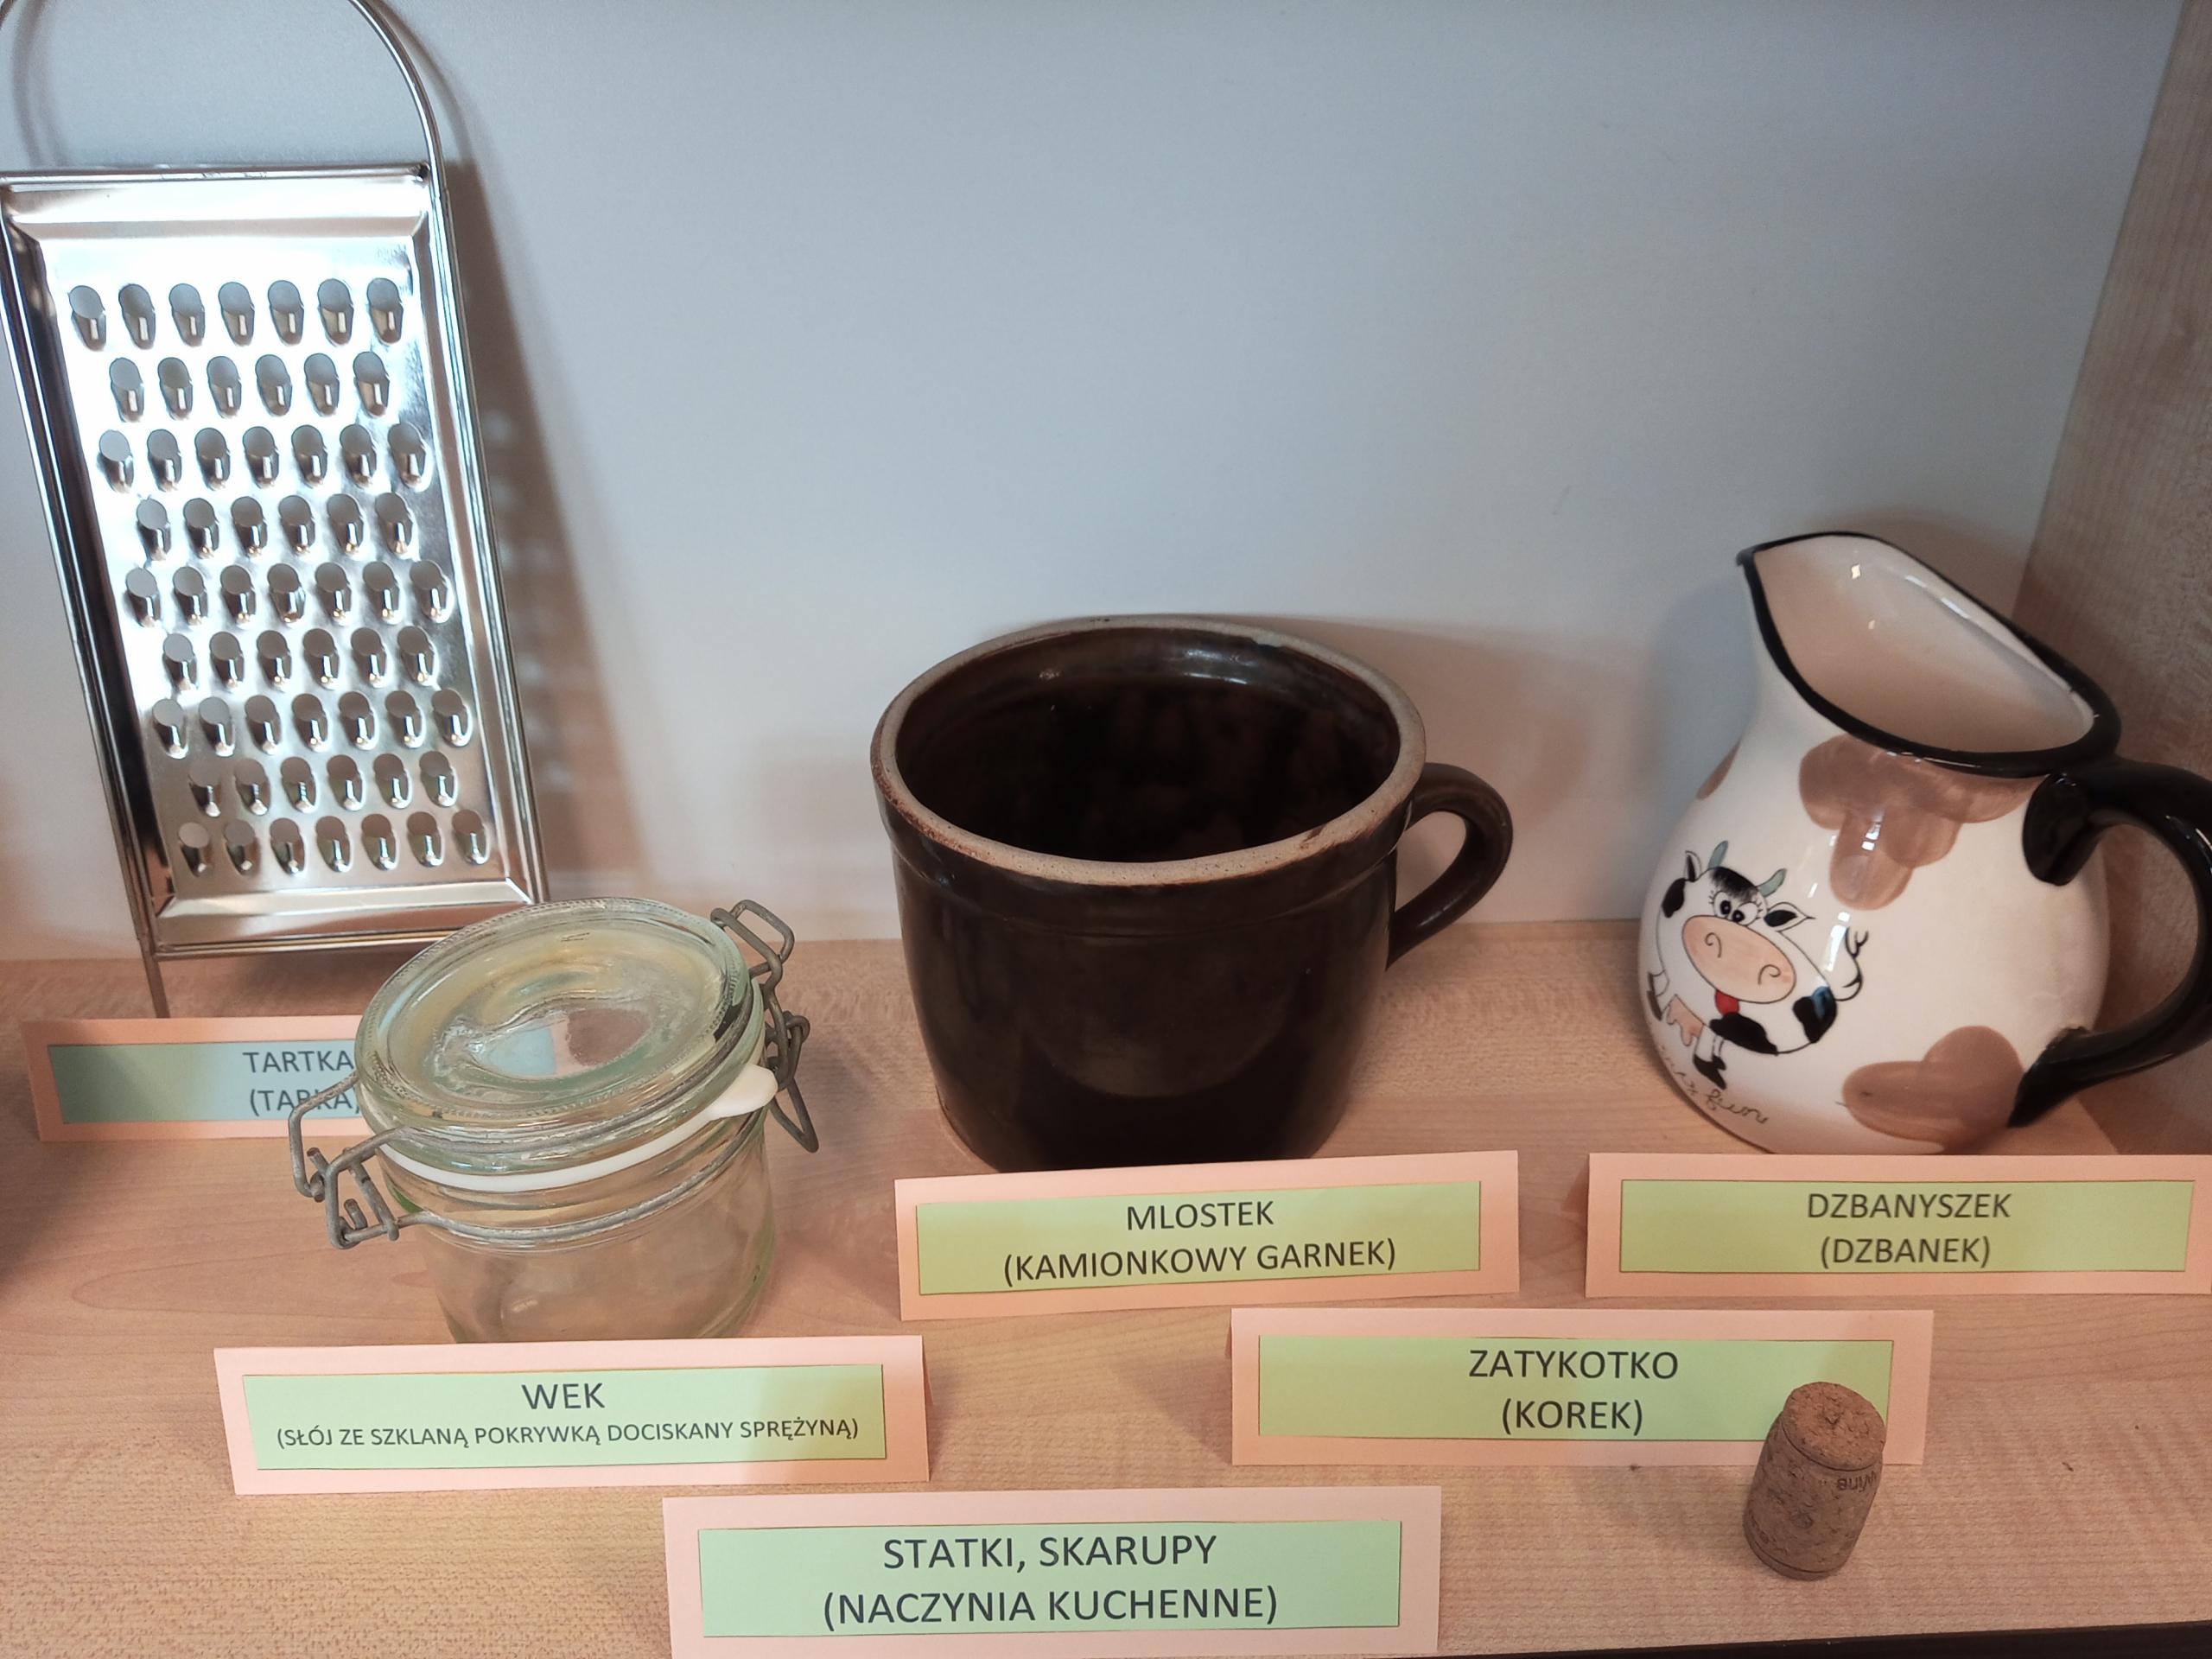 zdjęcie na którym widnieje tarka ręczna, dzbanek, mlostek, słój ze szklaną pokrywką i korek do wina